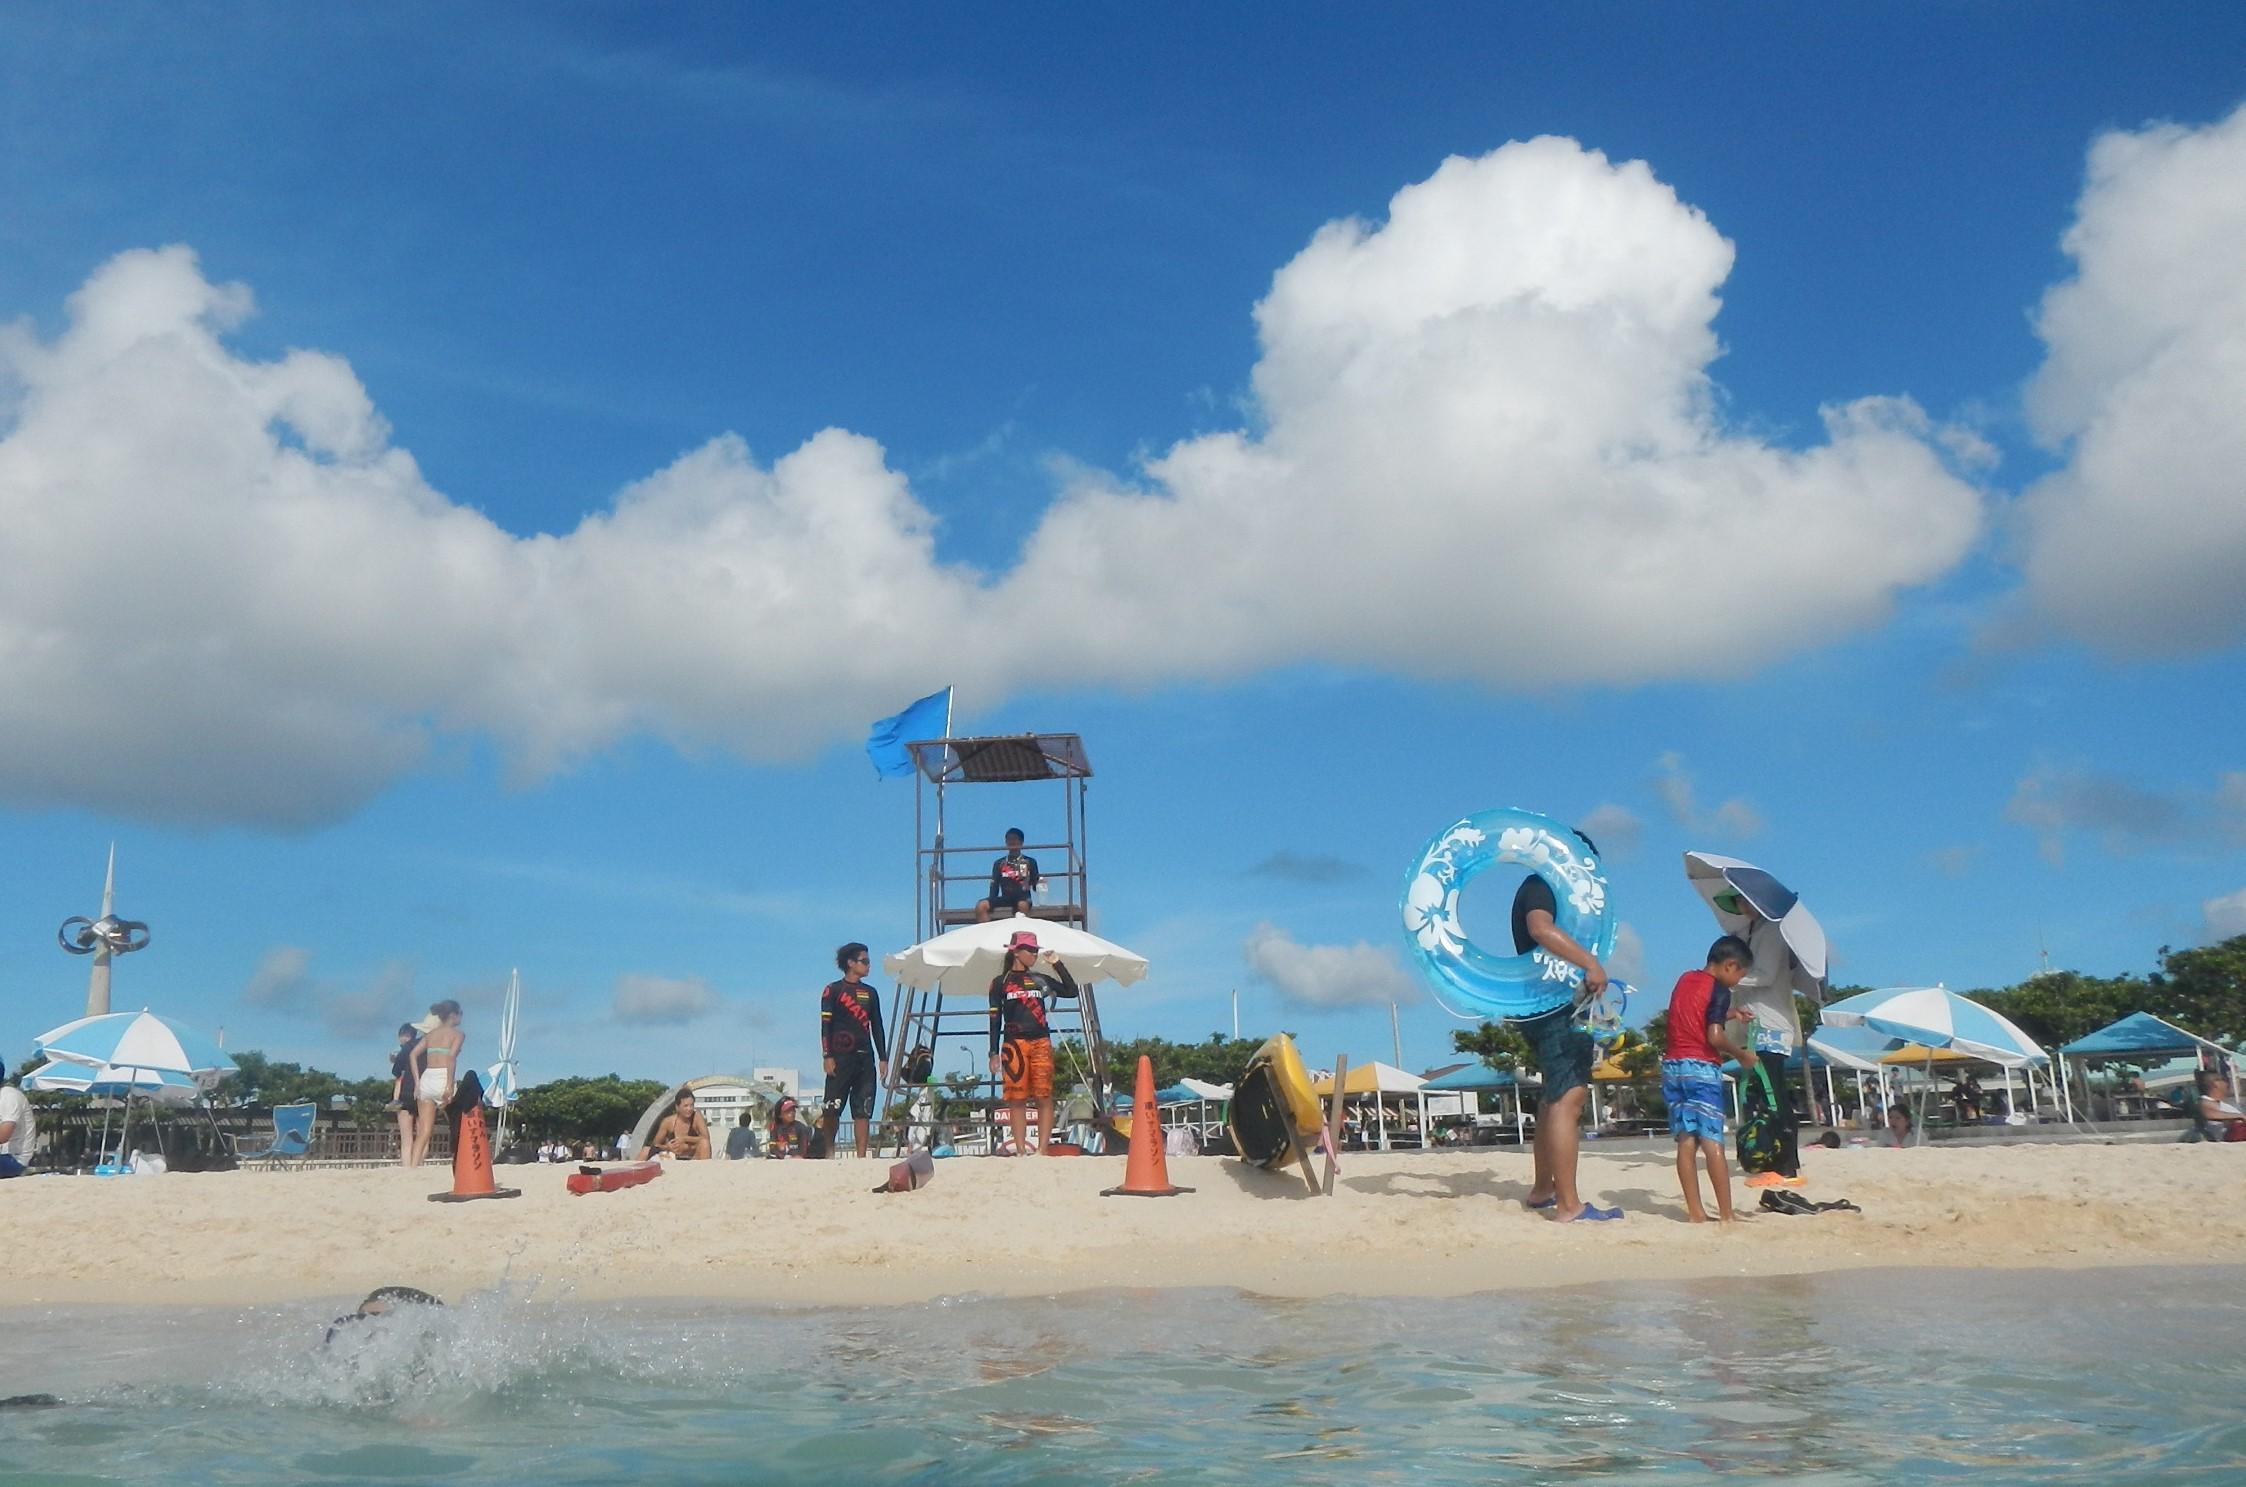 宜野湾市のトロピカルビーチは、リゾートって感じじゃないけど、楽しいビーチ。